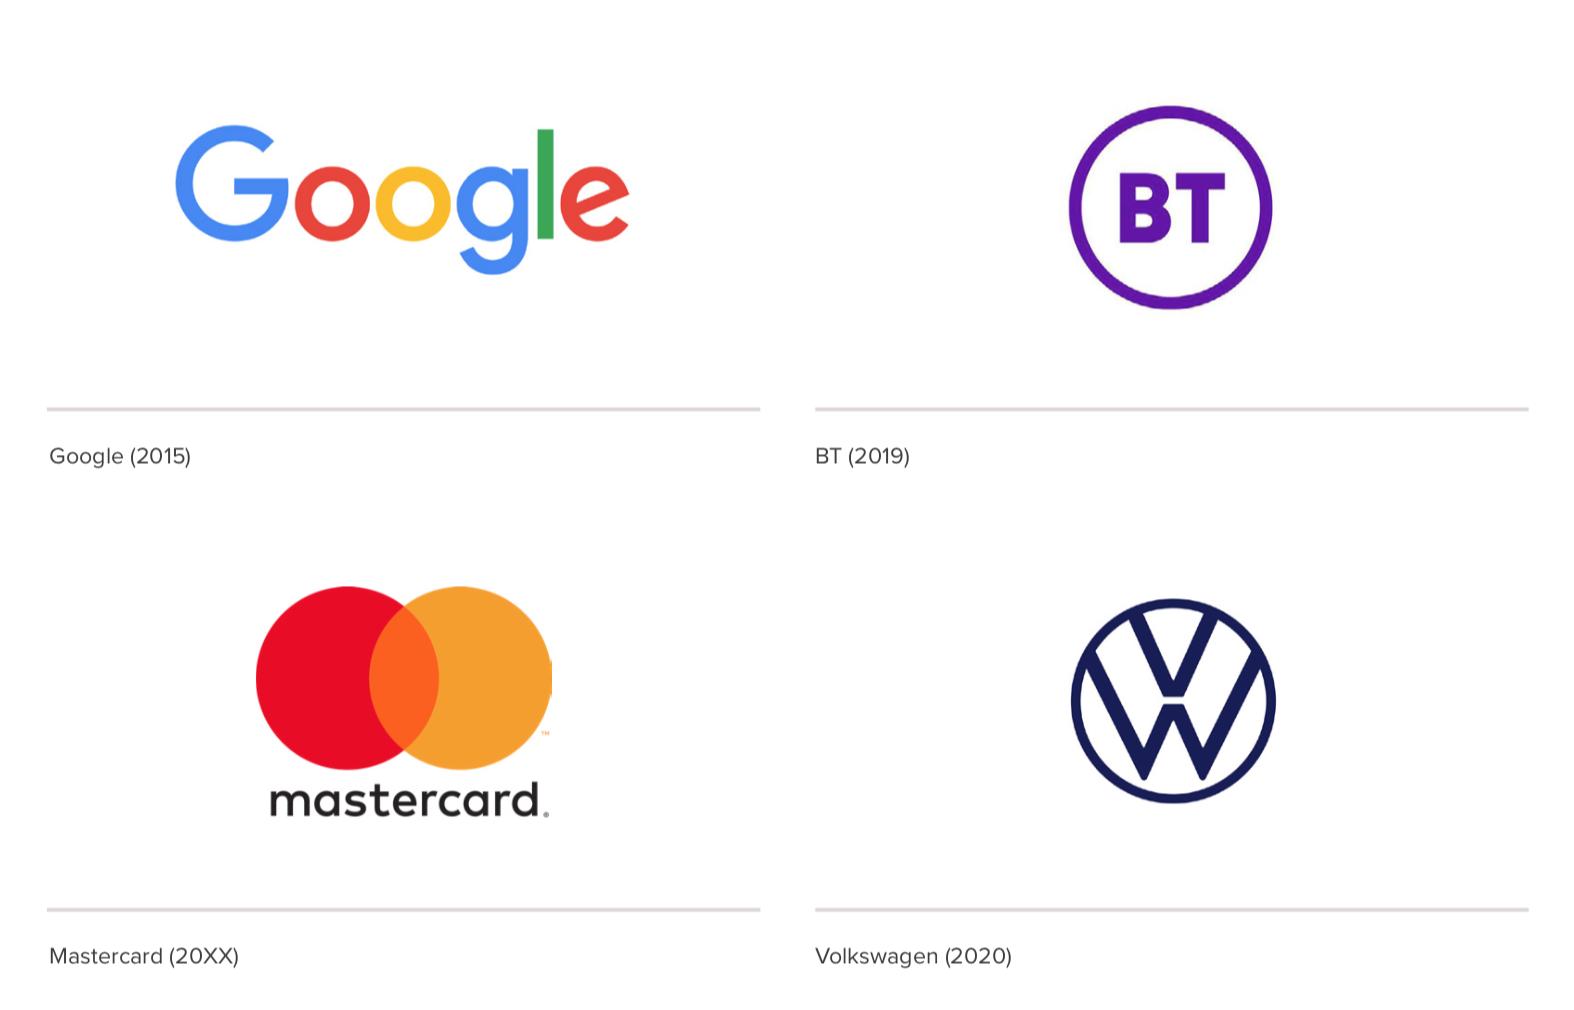 logos: google BT mastercard volkswagen